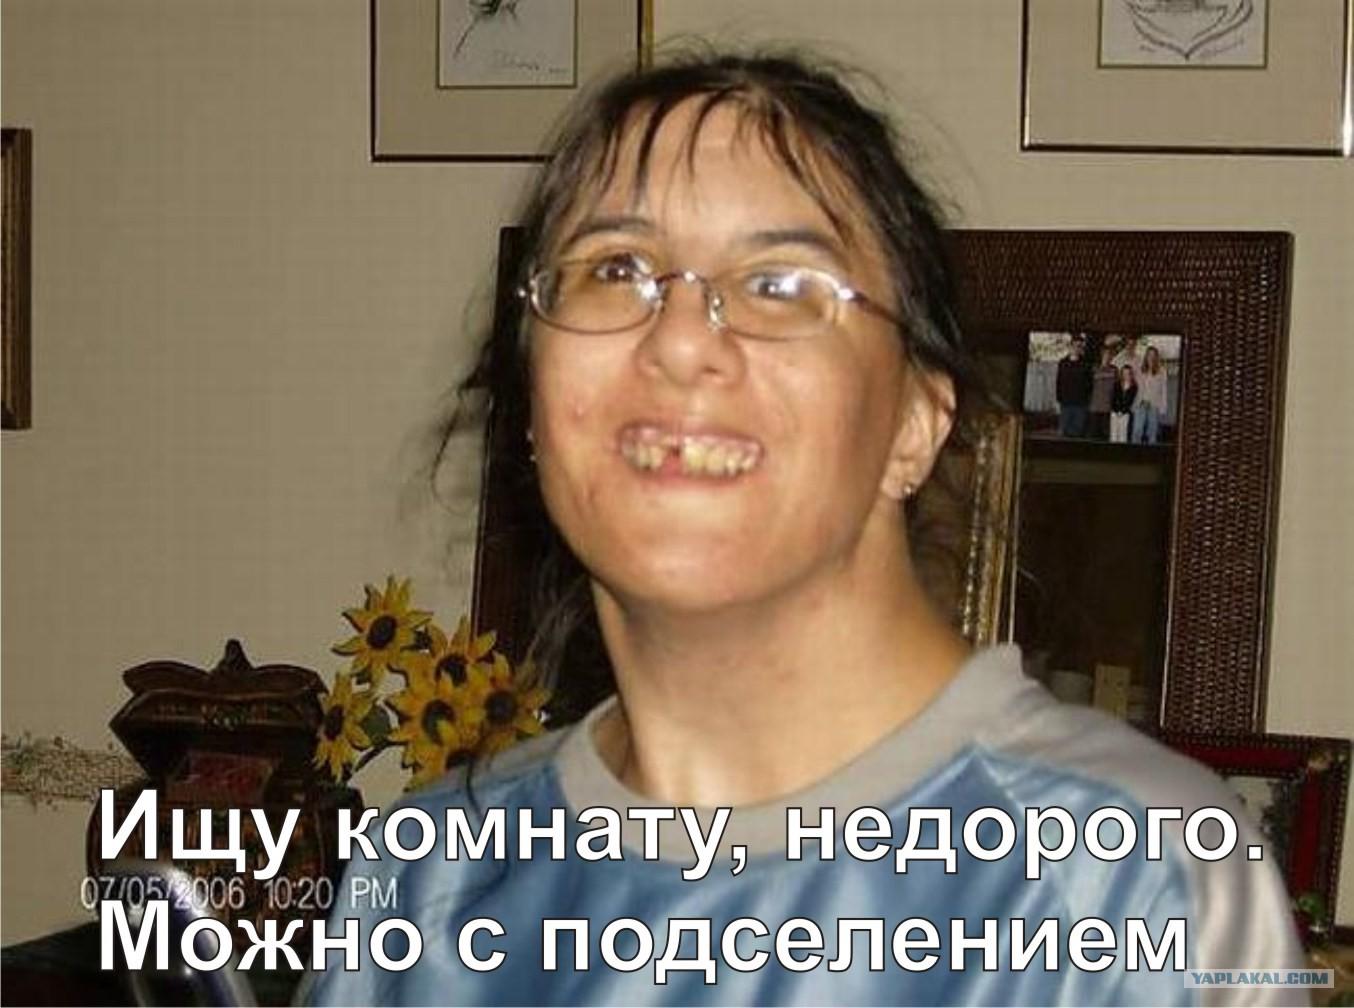 Страшные фото девушек 8 фотография